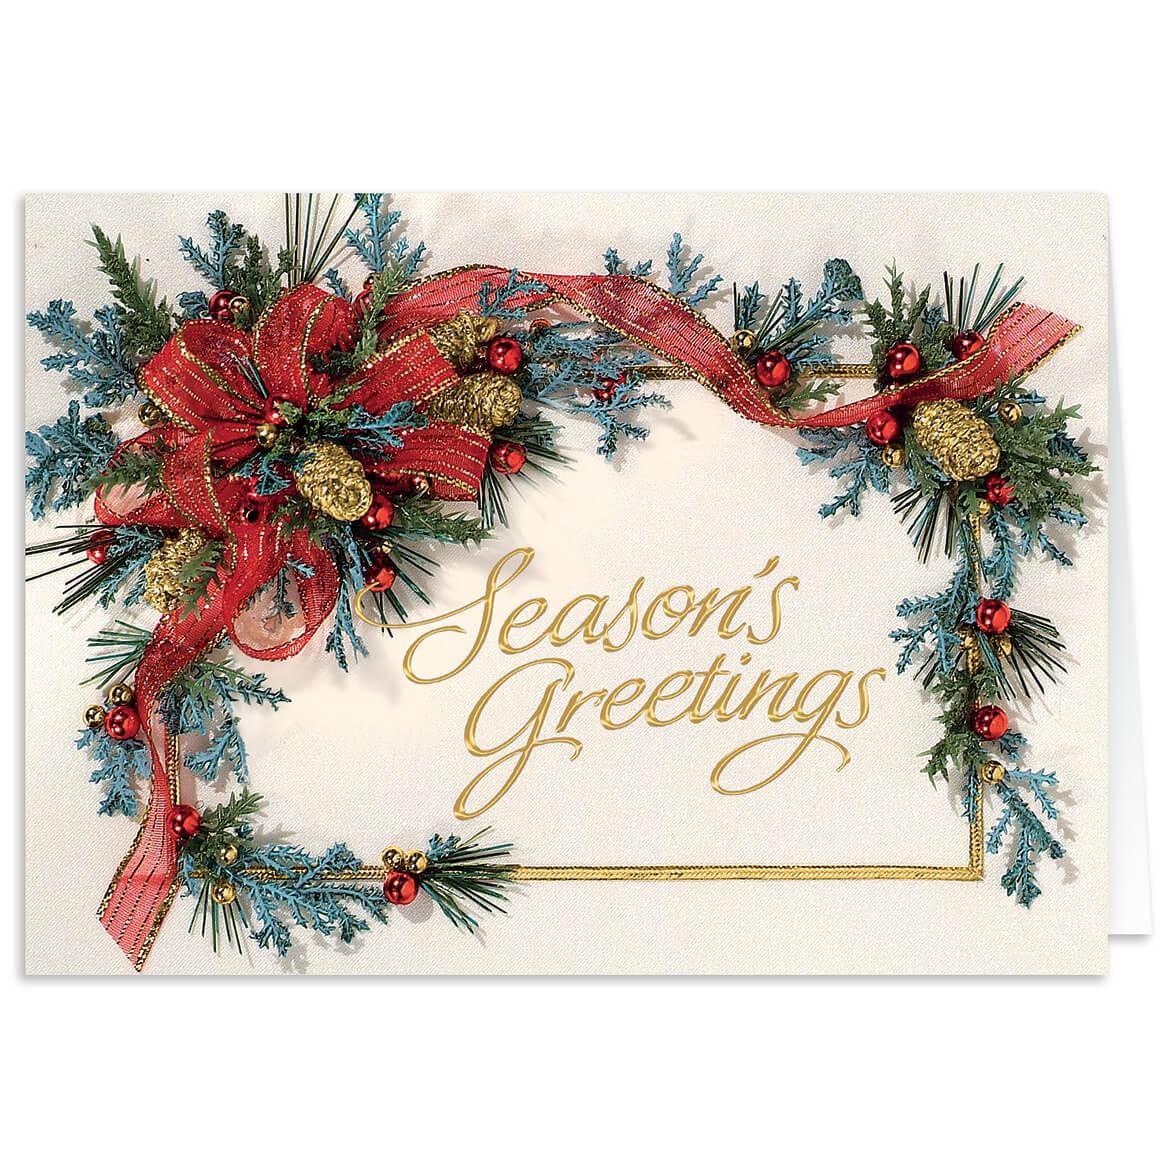 personalized seasons greetings cards - Seasons Greetings Cards